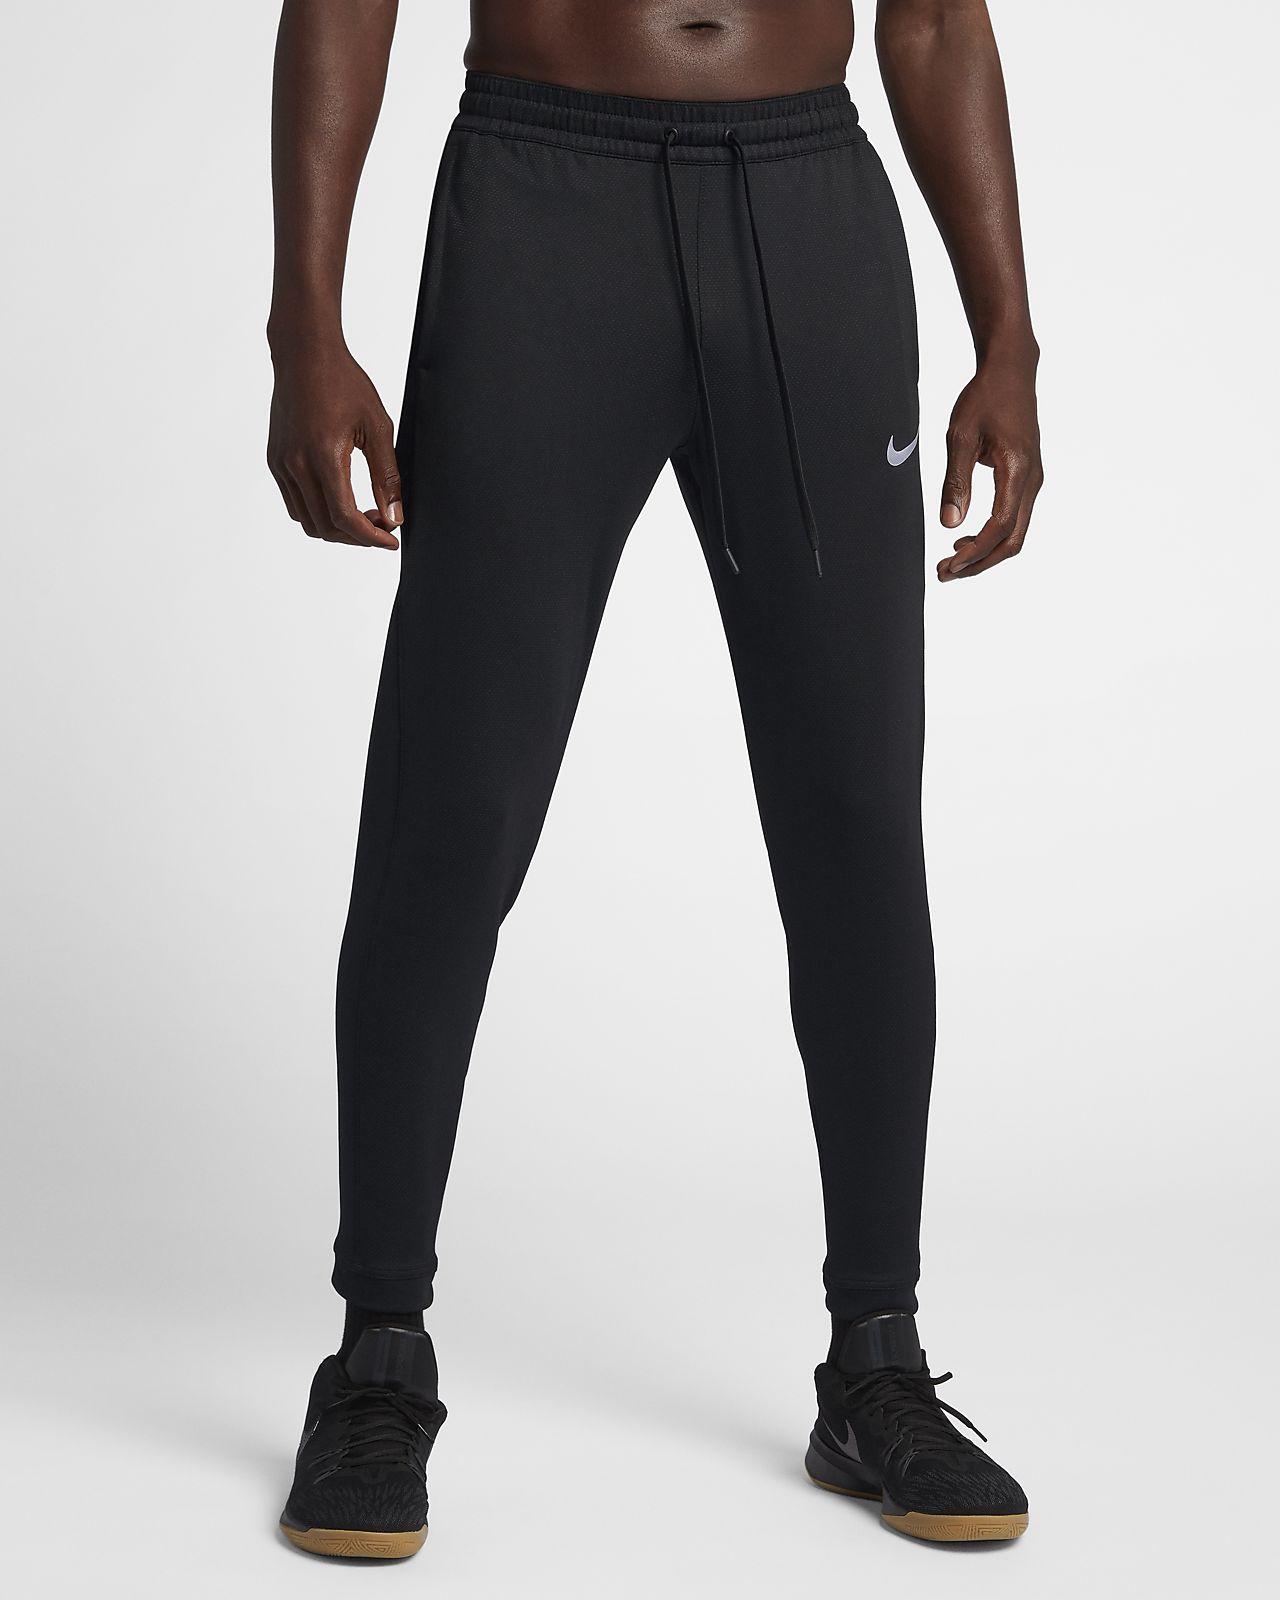 Calças de basquetebol Nike Therma Flex Showtime para homem